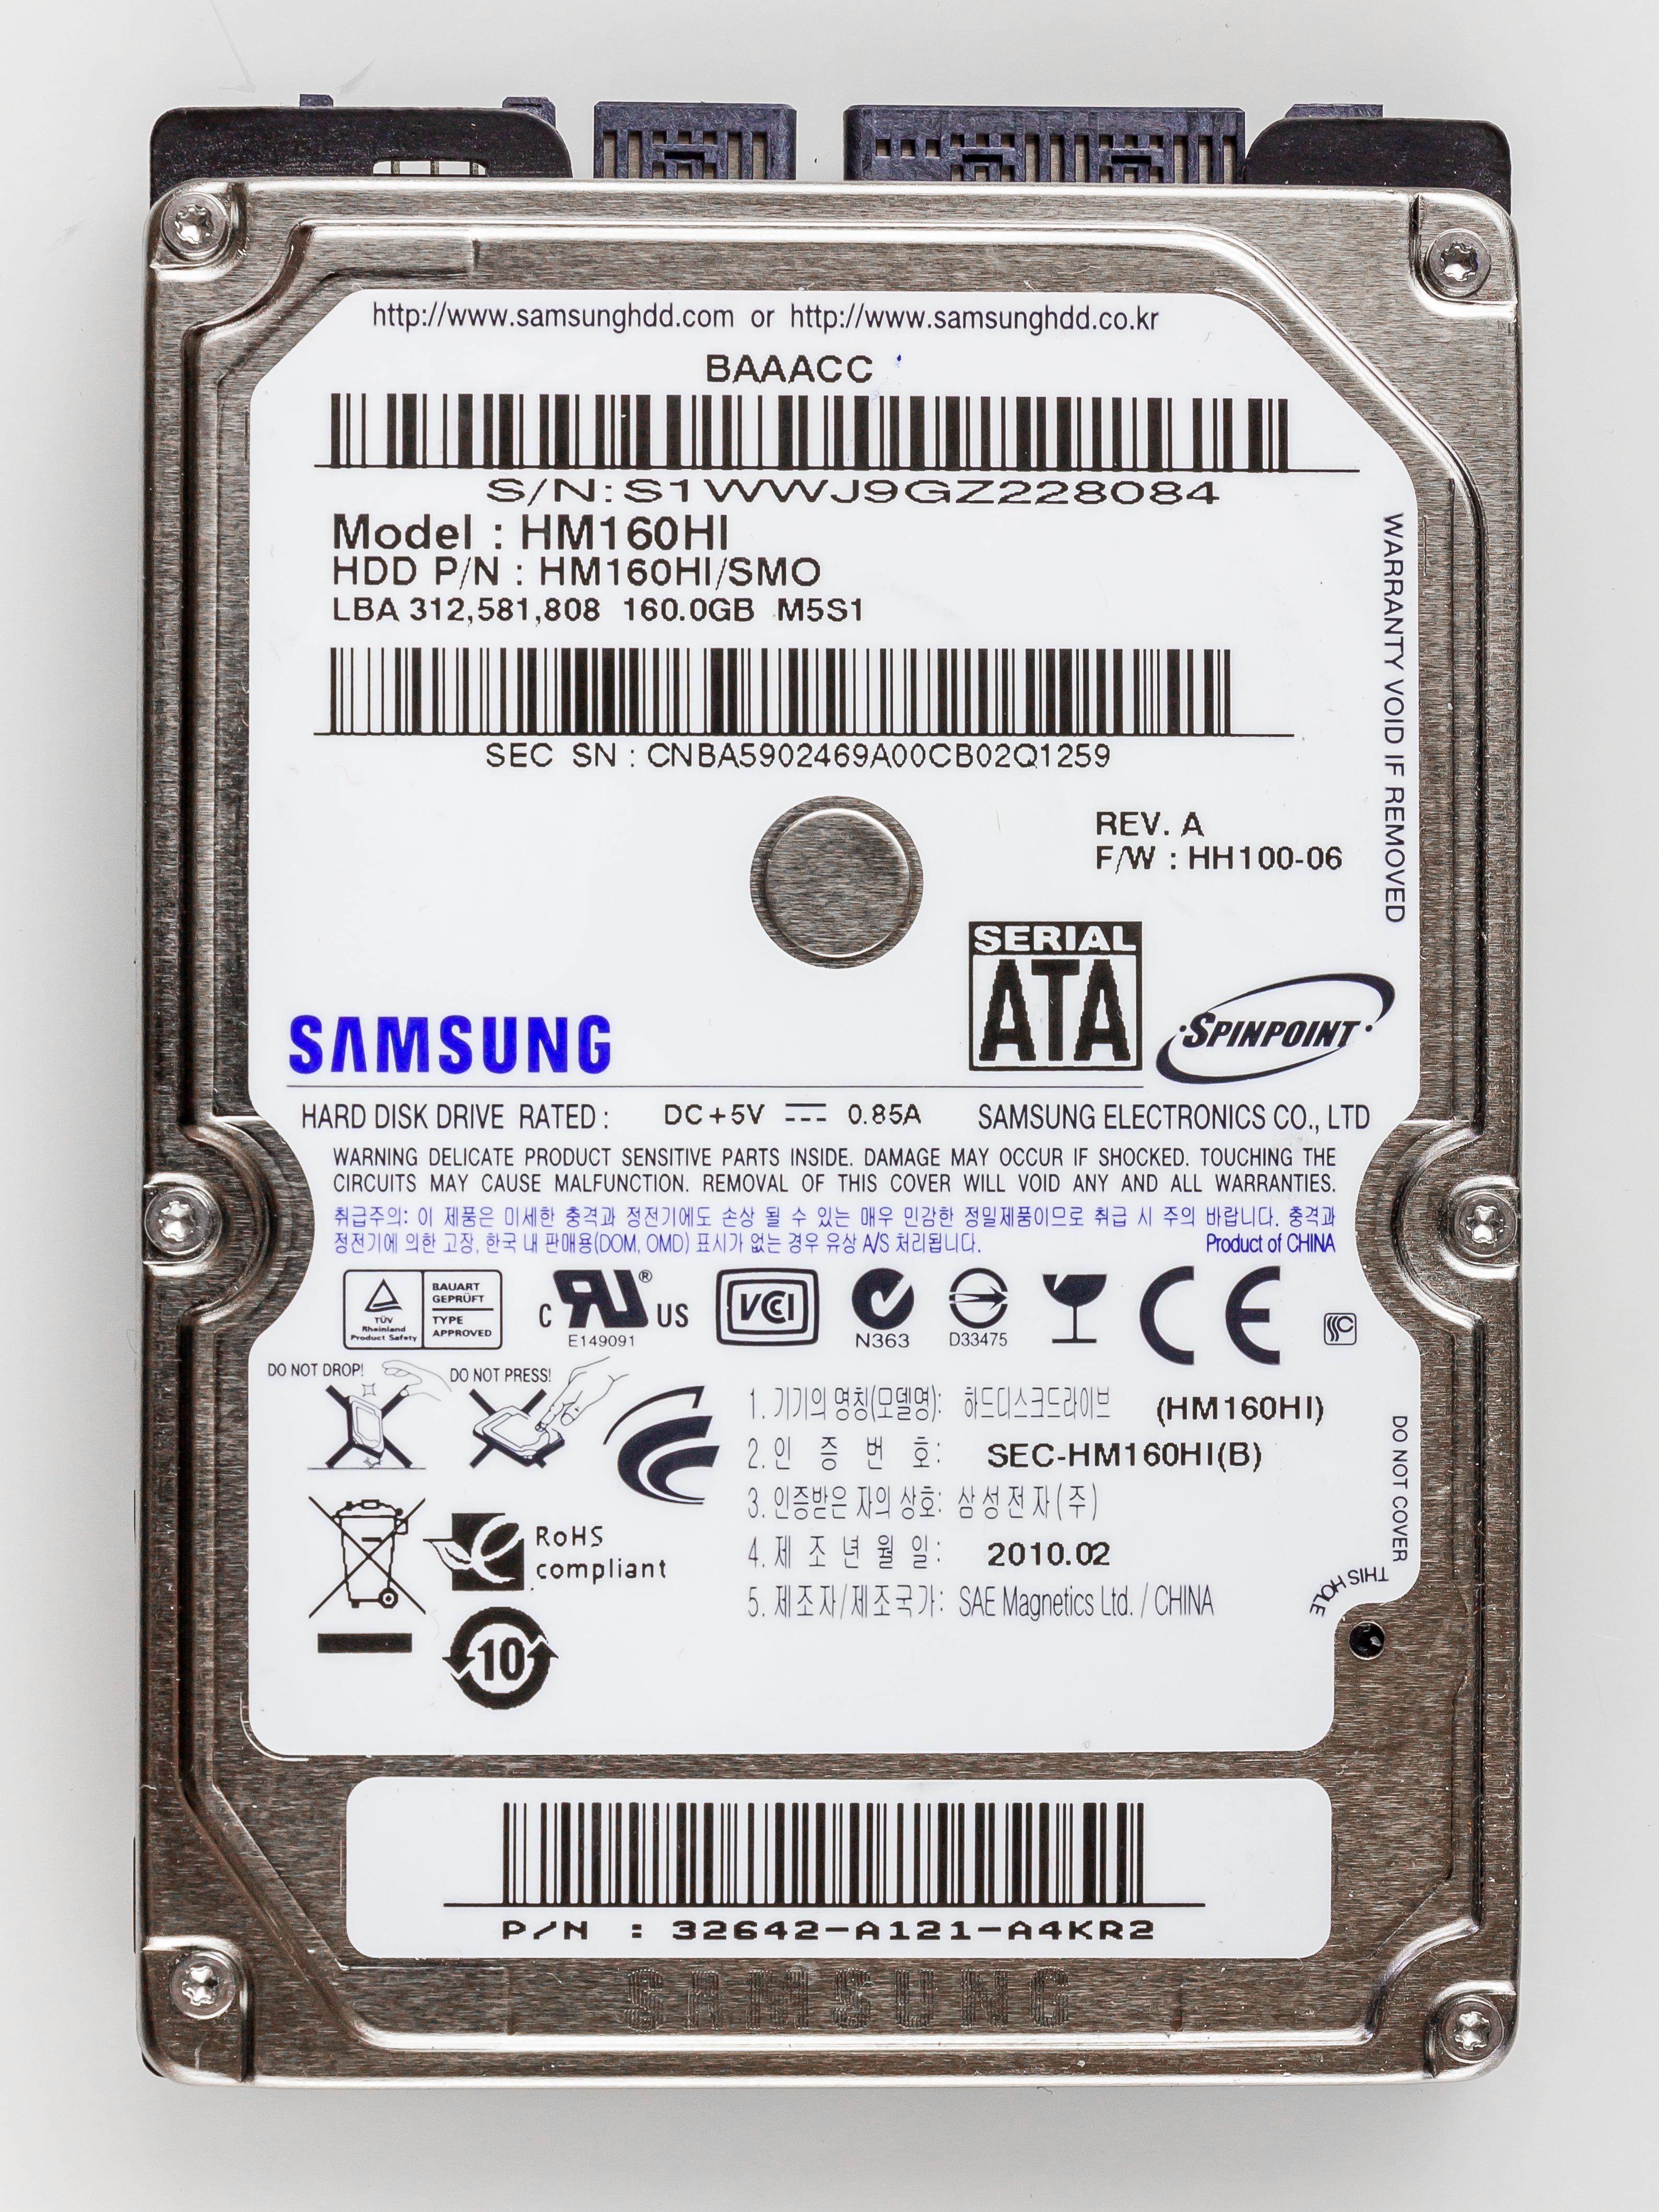 Samsung hm160hi firmware update.